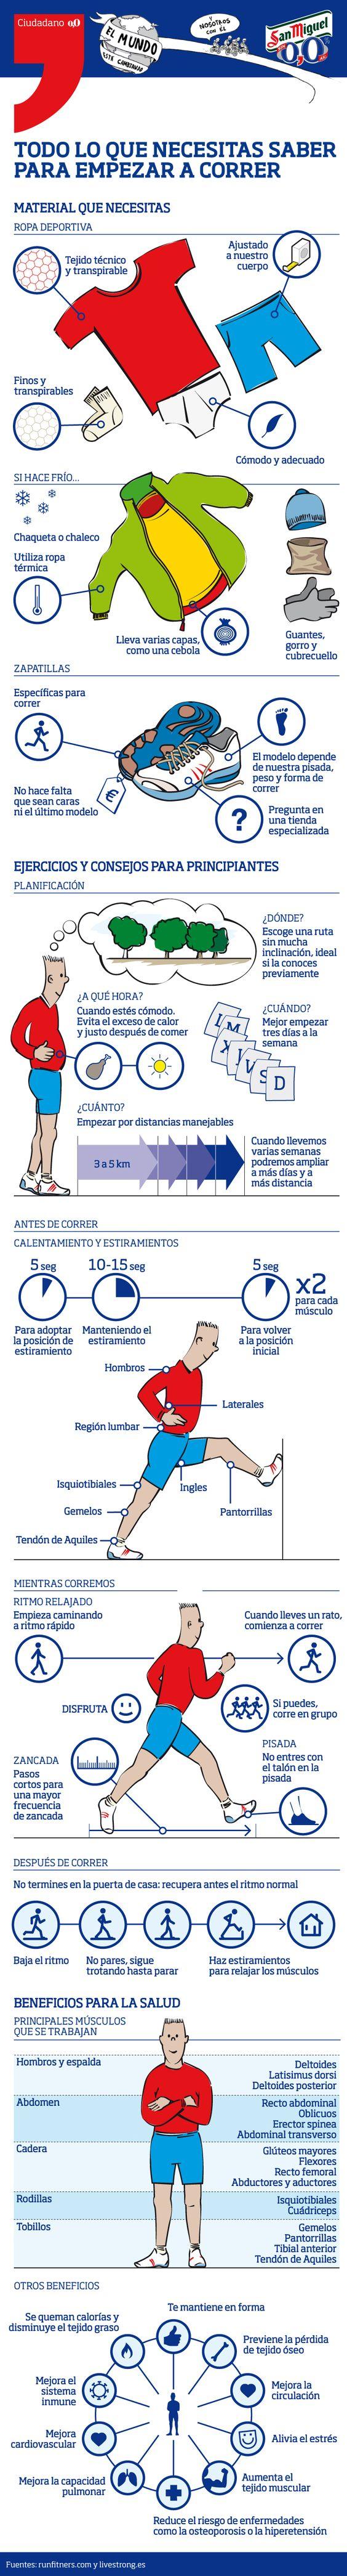 Todo lo que necesitas saber para empezar a correr. Infografía